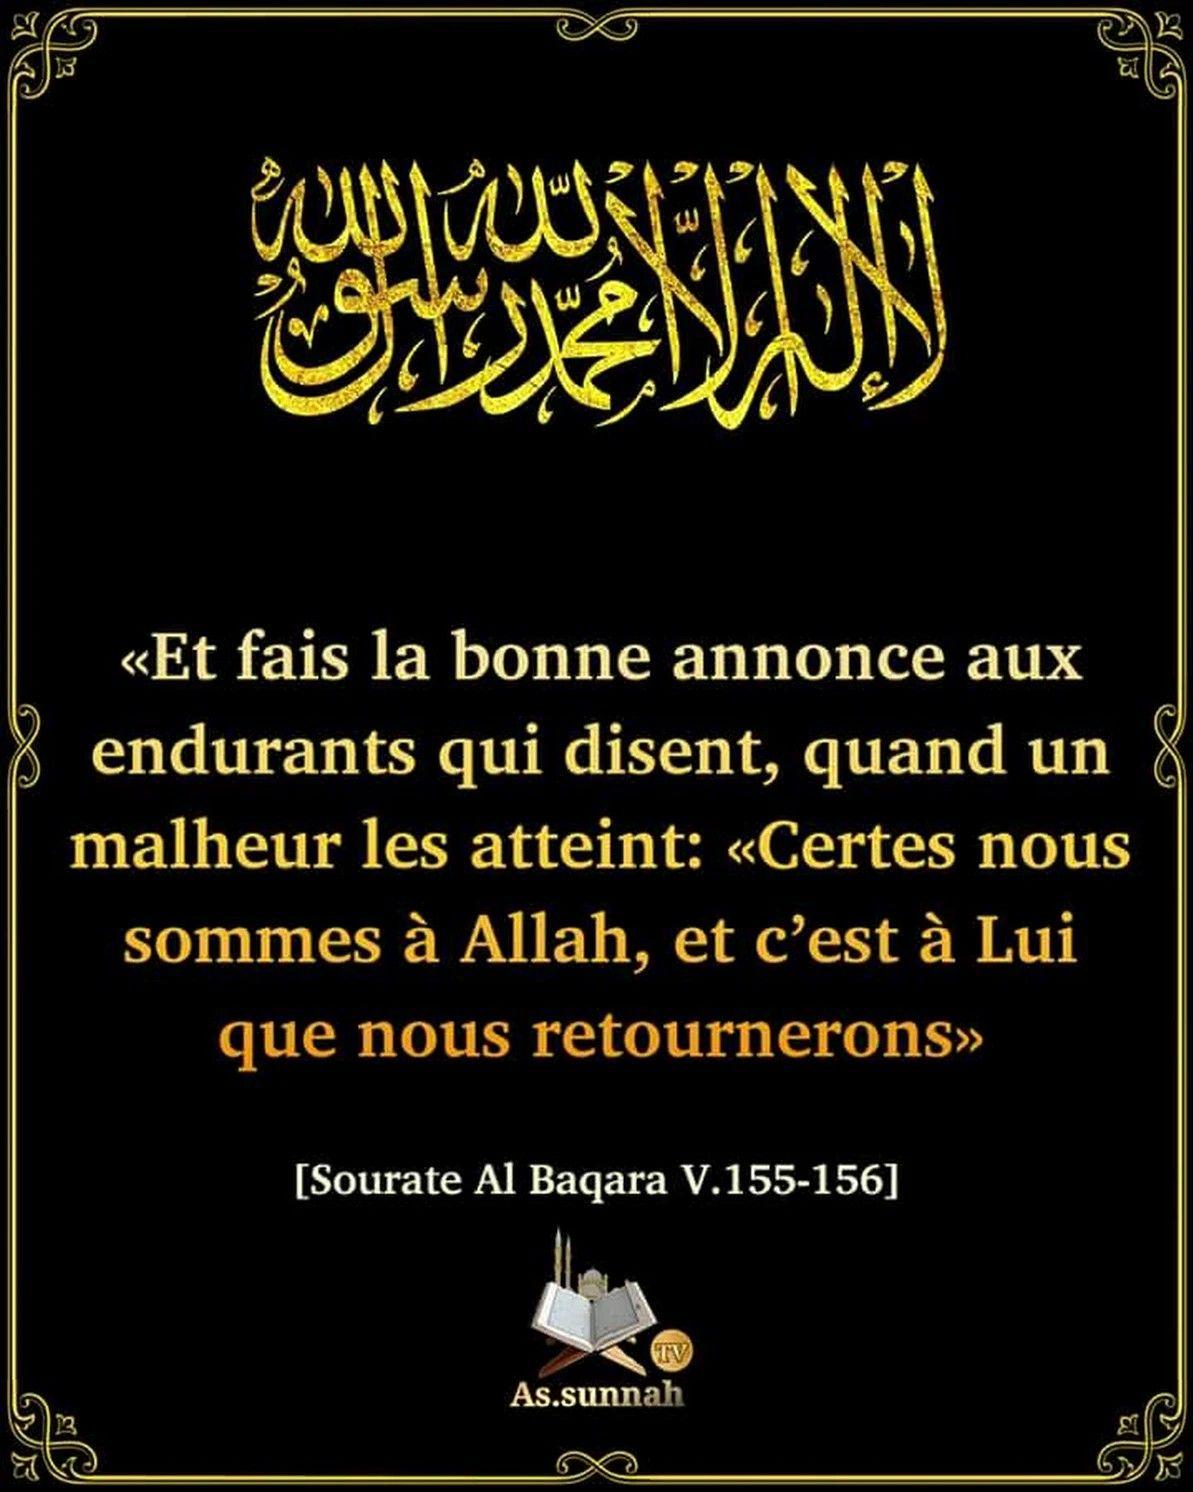 S2 V155 156 Extrait Coran Karim Citation Musulmane